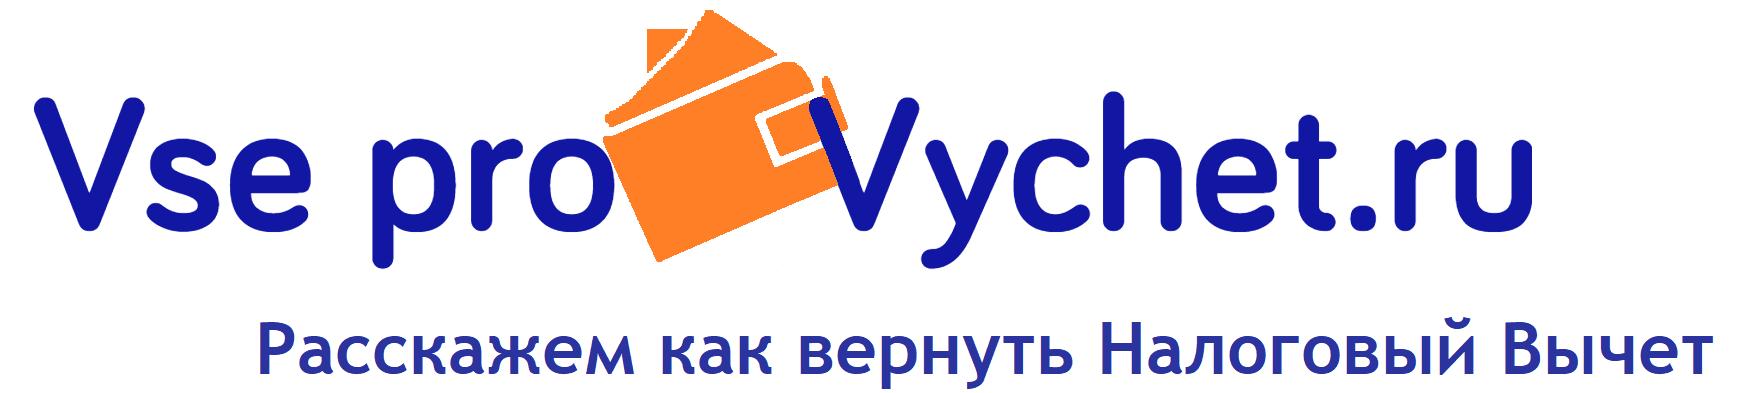 VseProVychet.ru